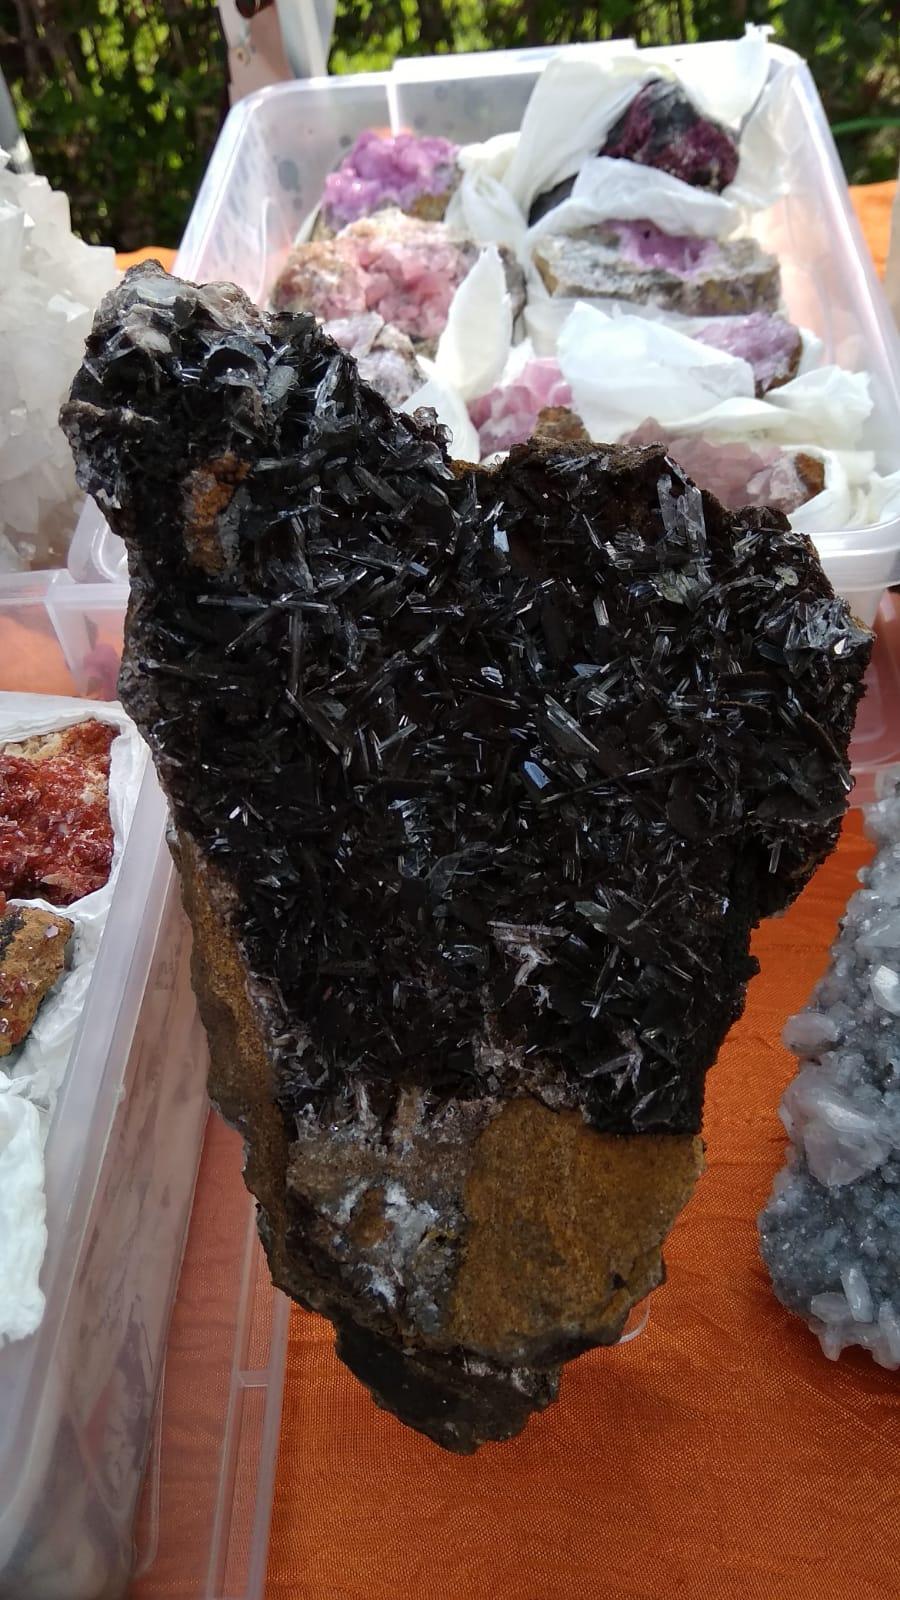 I Feria de minerales intercambio y venta de Cártama (MÁLAGA) - Página 4 Img-2013